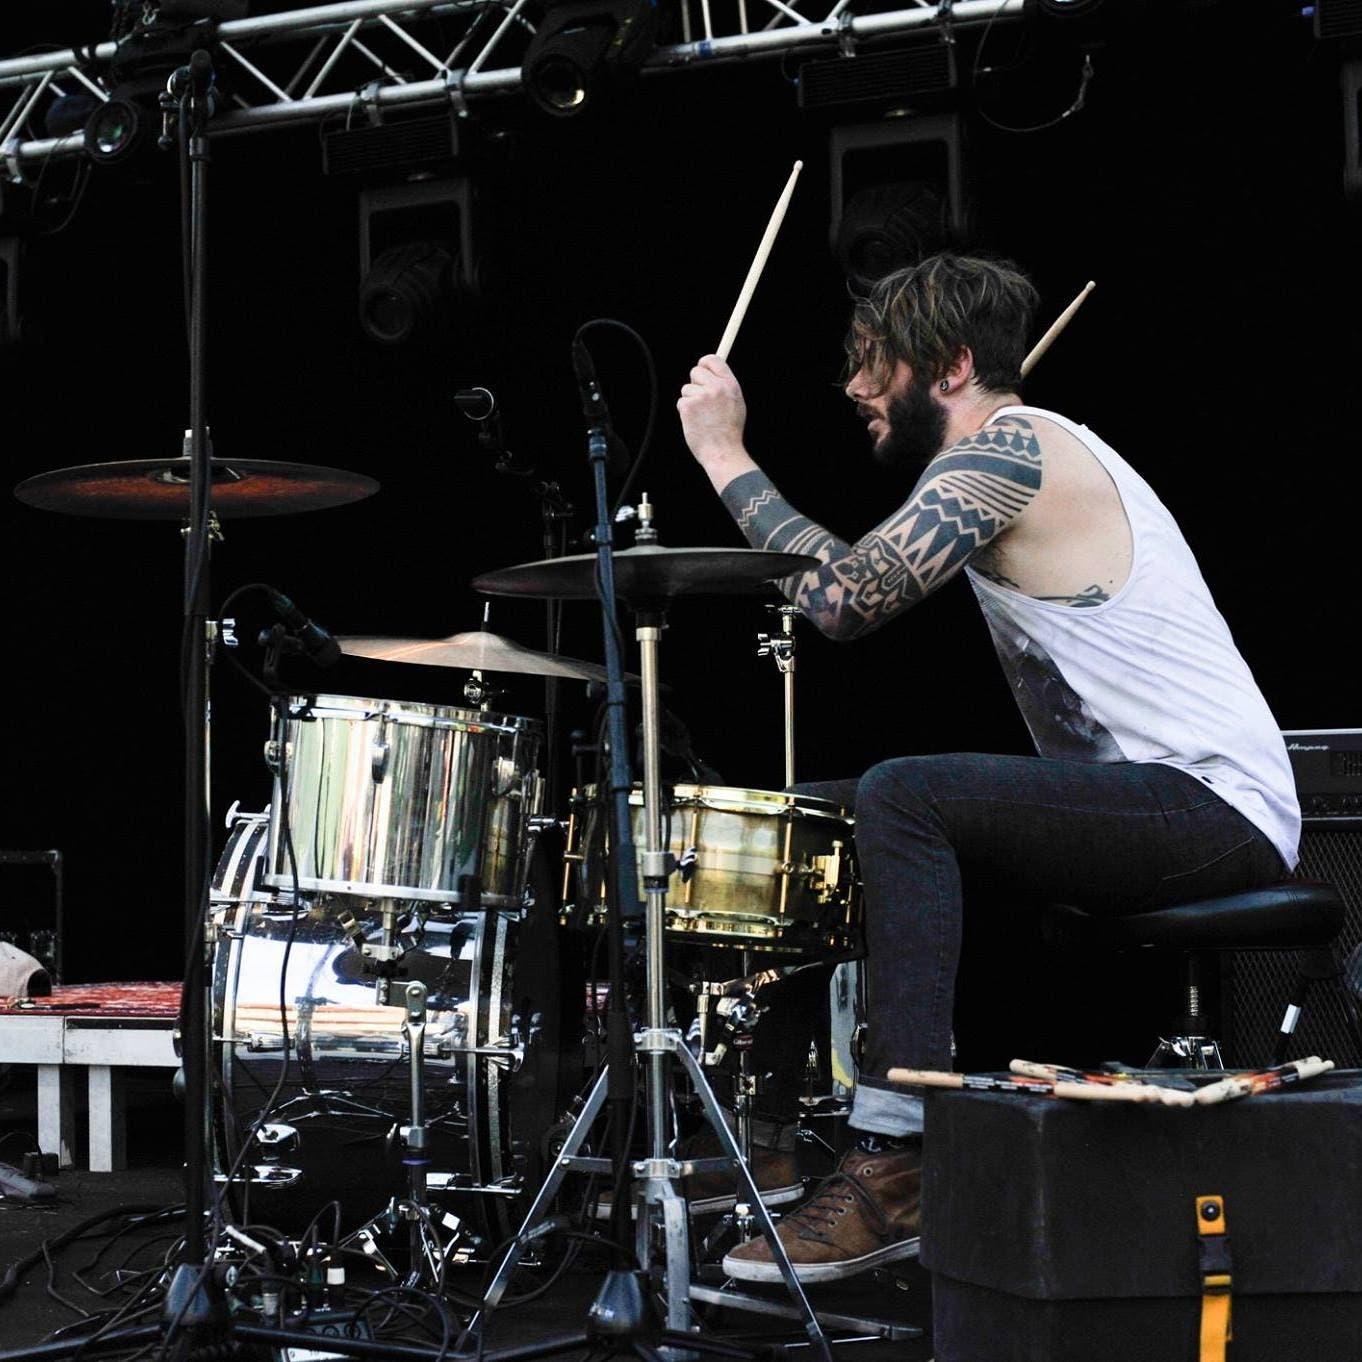 Der Nidwaldner Roli Würsch (37), wohnhaft in Altdorf, spielt in verschiedenen Bands Schlagzeug. Hier bei einem Auftritt mit The Hydden. (Bild: PD)